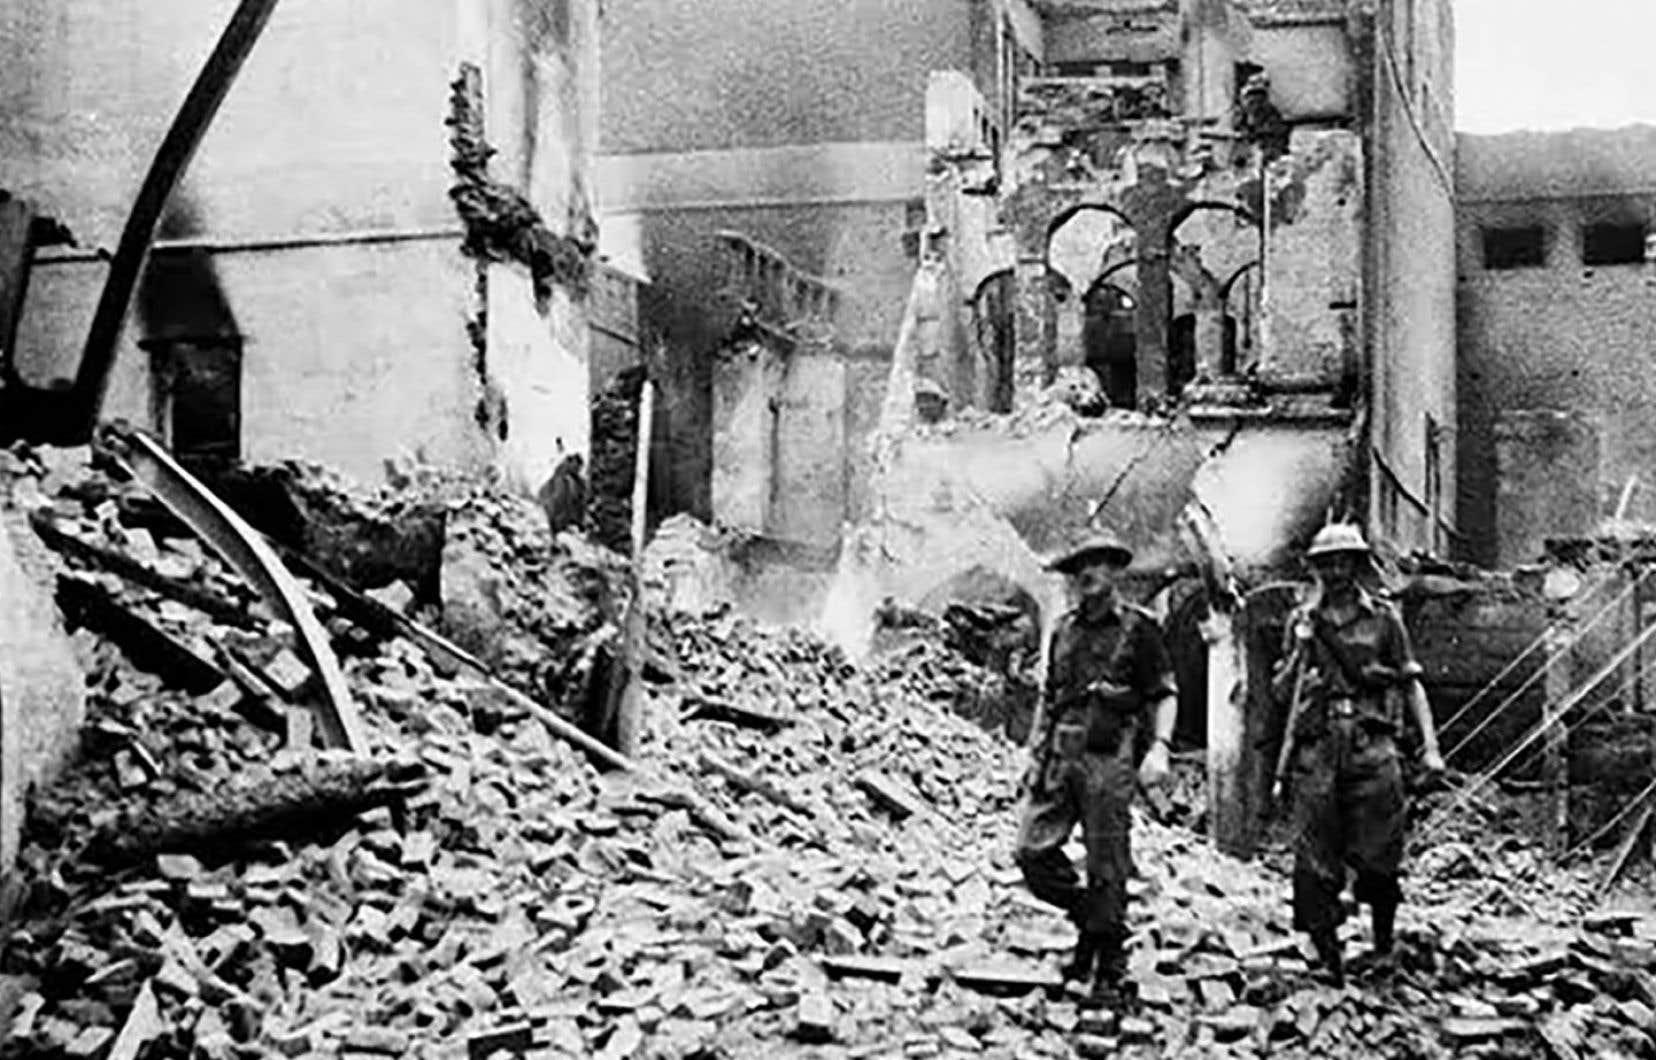 En juin 1947, les émeutes entre sikhs et musulmans à Amritsar en Inde s'étaient intensifiées. Amritsar était sous les flammes. Sur la photo, des soldats indiens marchent dans les rues d'Amristar en 1947.